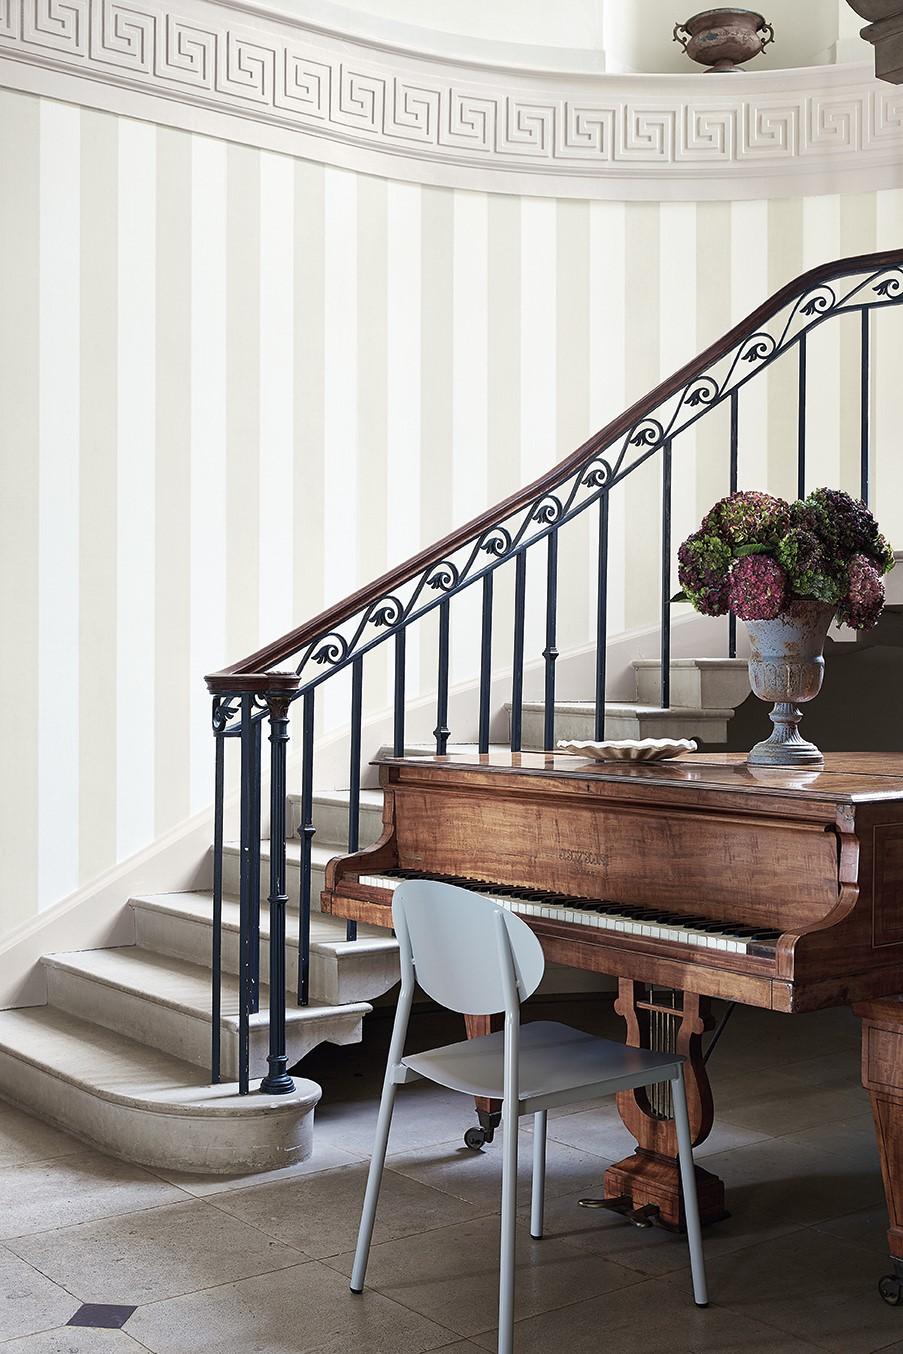 Escalier avec du papier peint rayé.